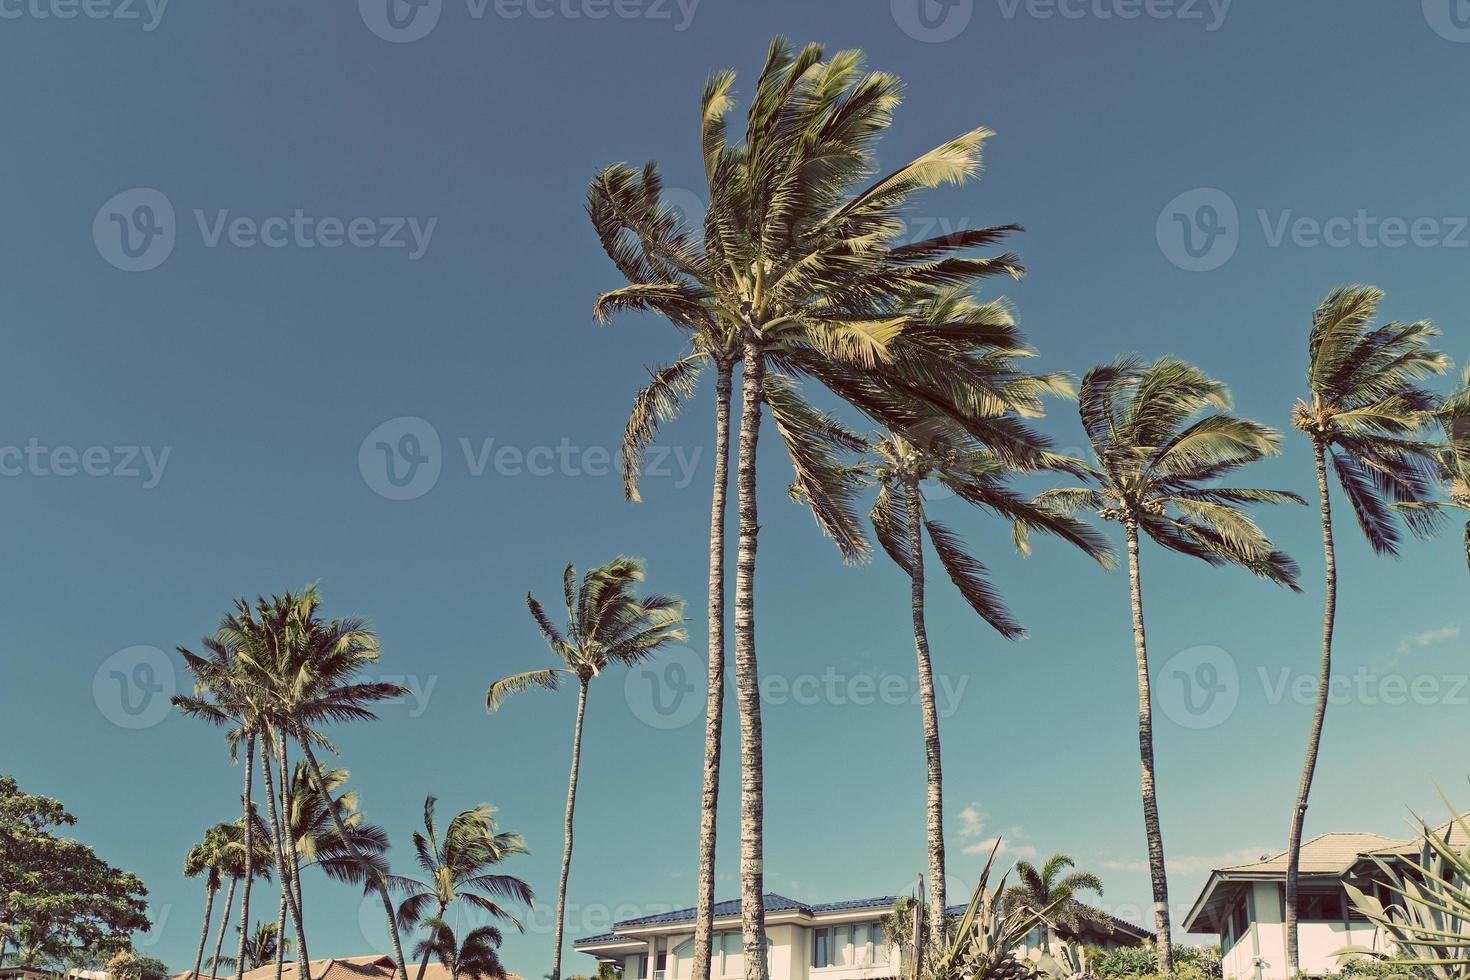 hawaï maui strandhuizen foto